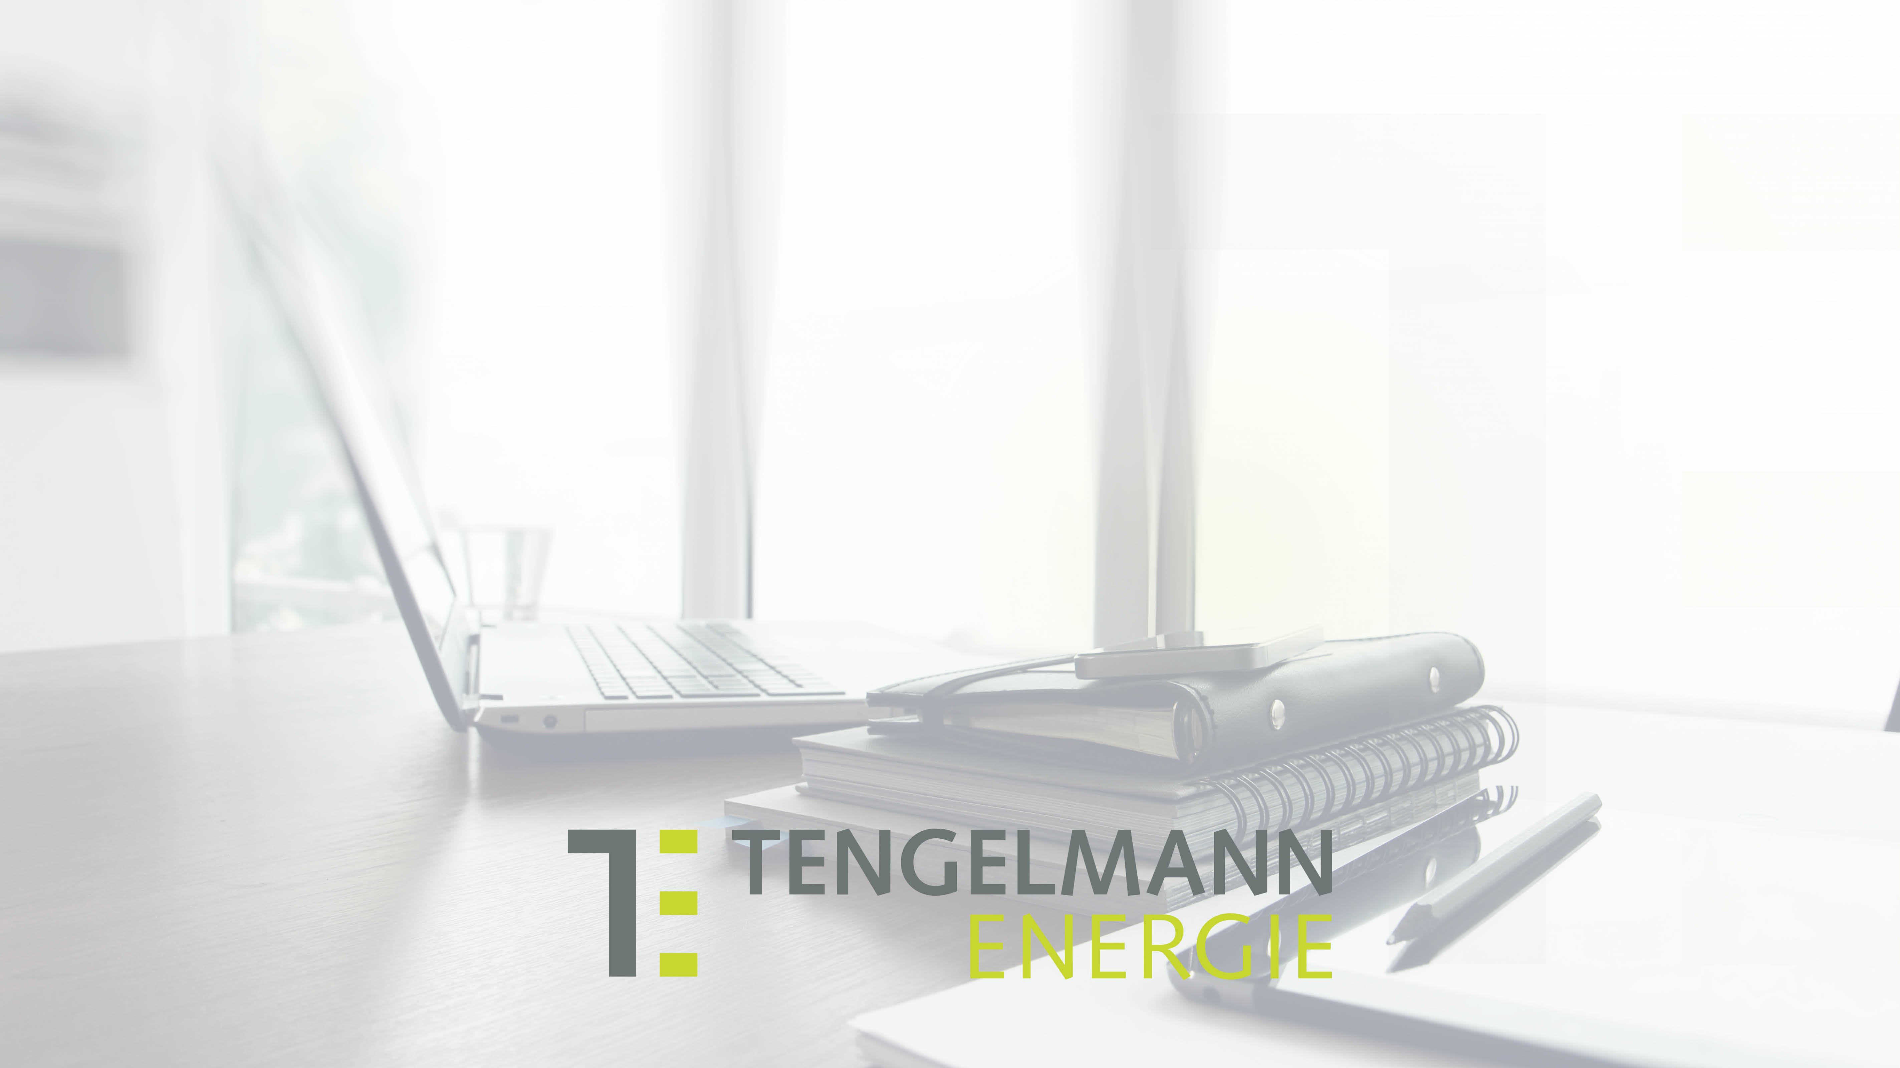 Deutschlandweit sinken die Netzentgelte für das Jahr 2019